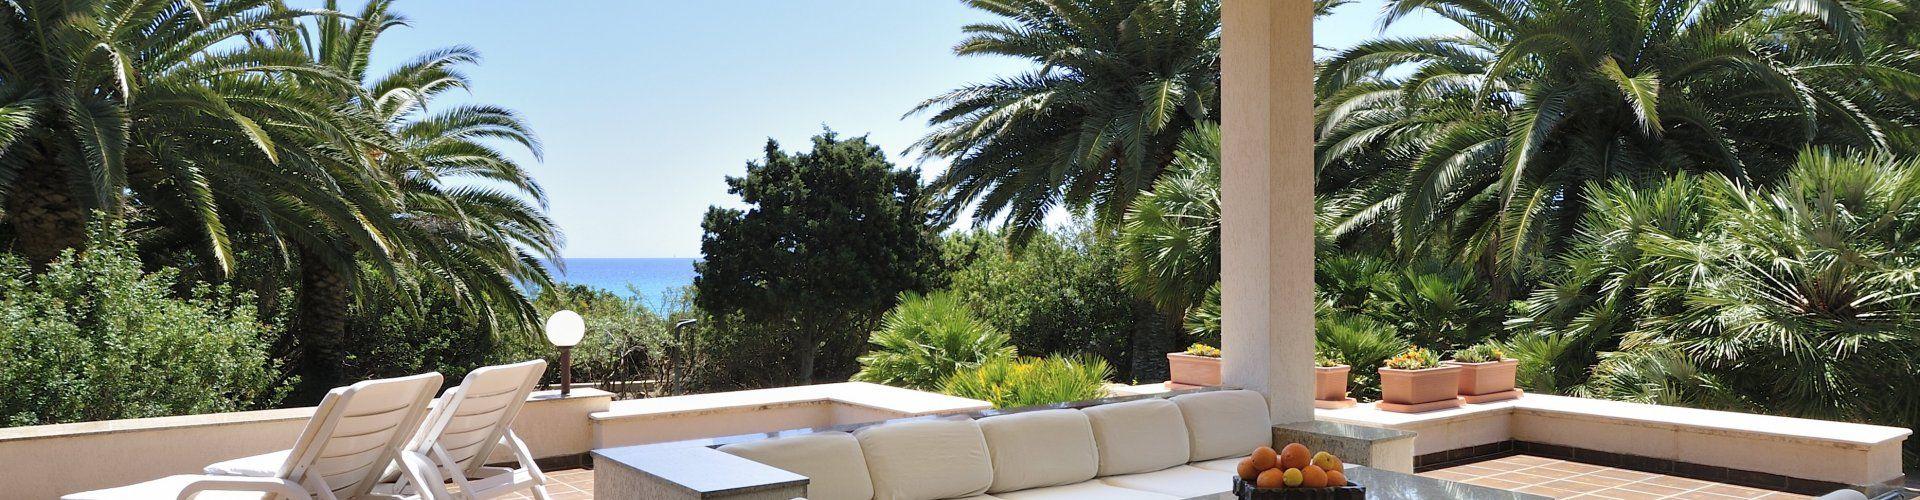 Terrasse mit großem Loungebereich und Blick auf den Garten